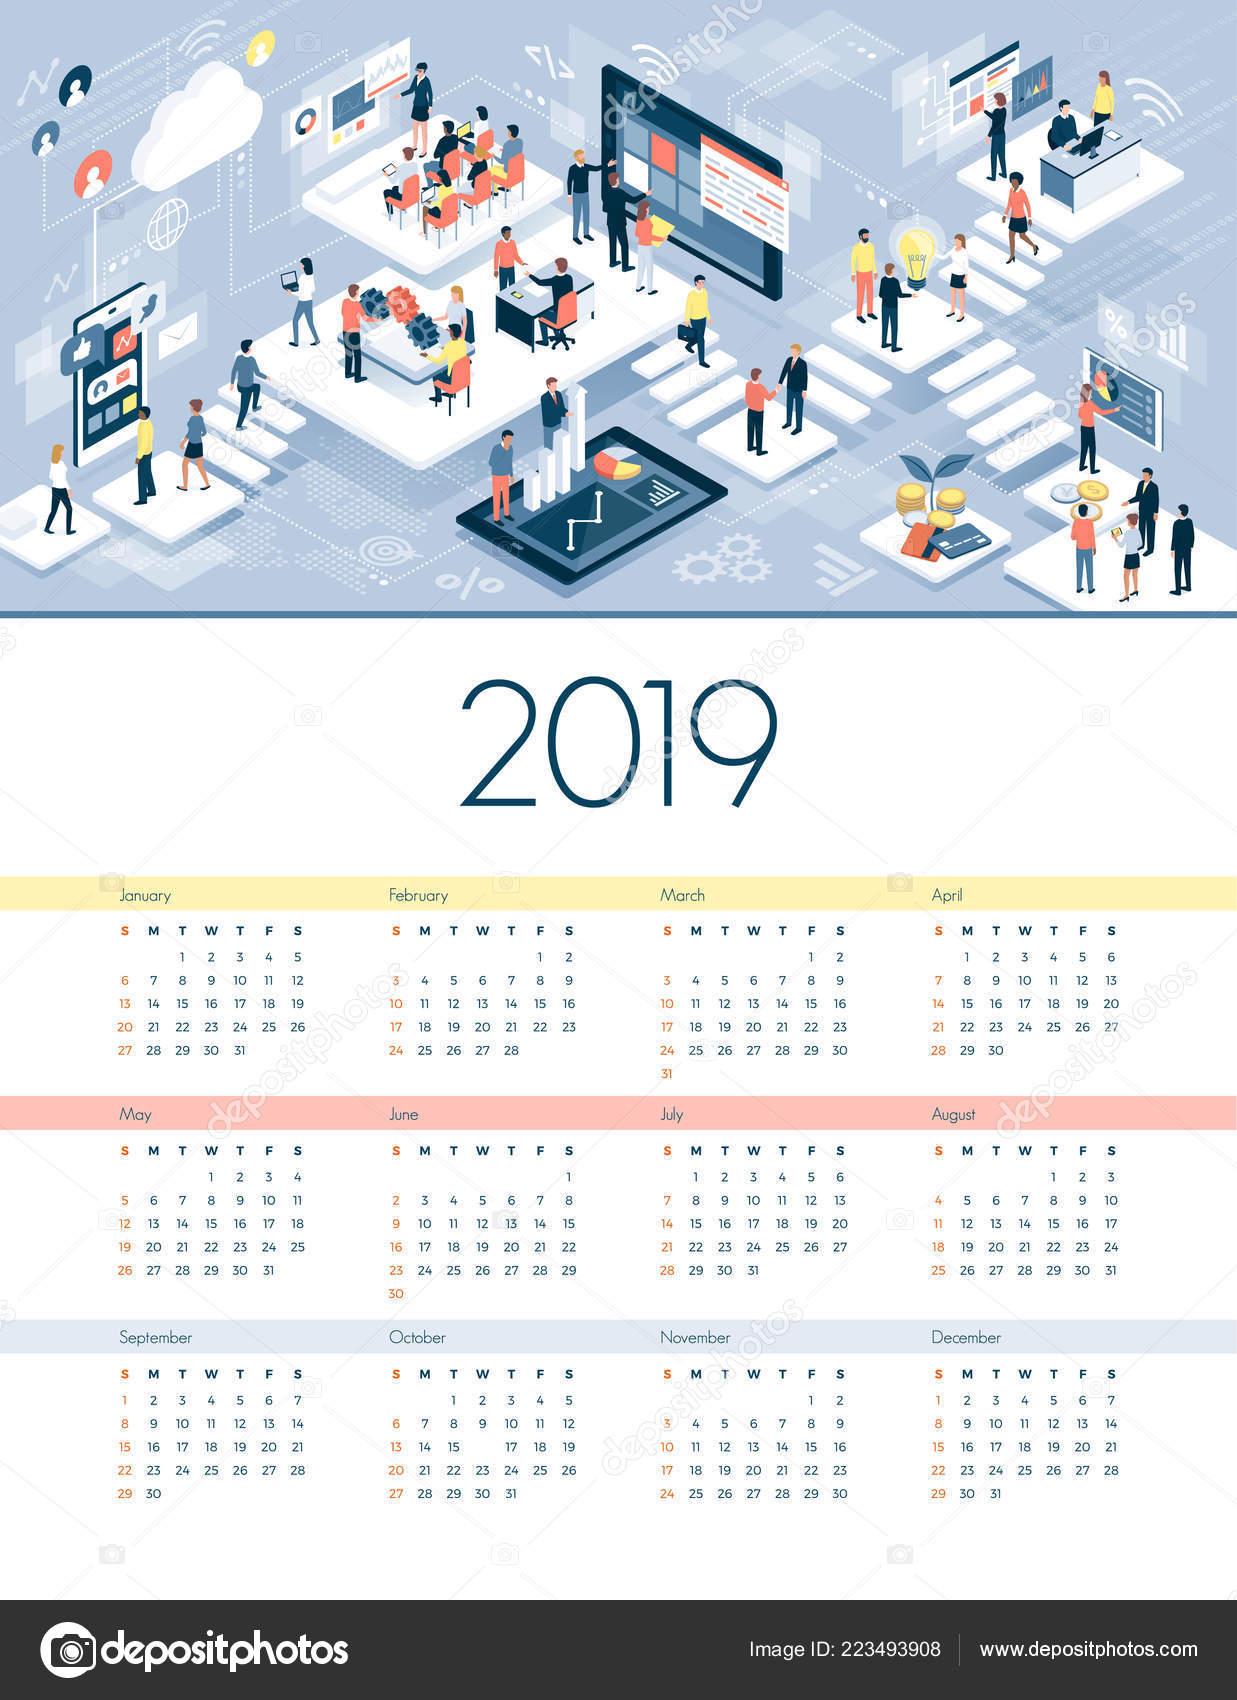 Calendrier Virtuel.Calendrier Des Affaires Technologie 2019 Gens Affaires